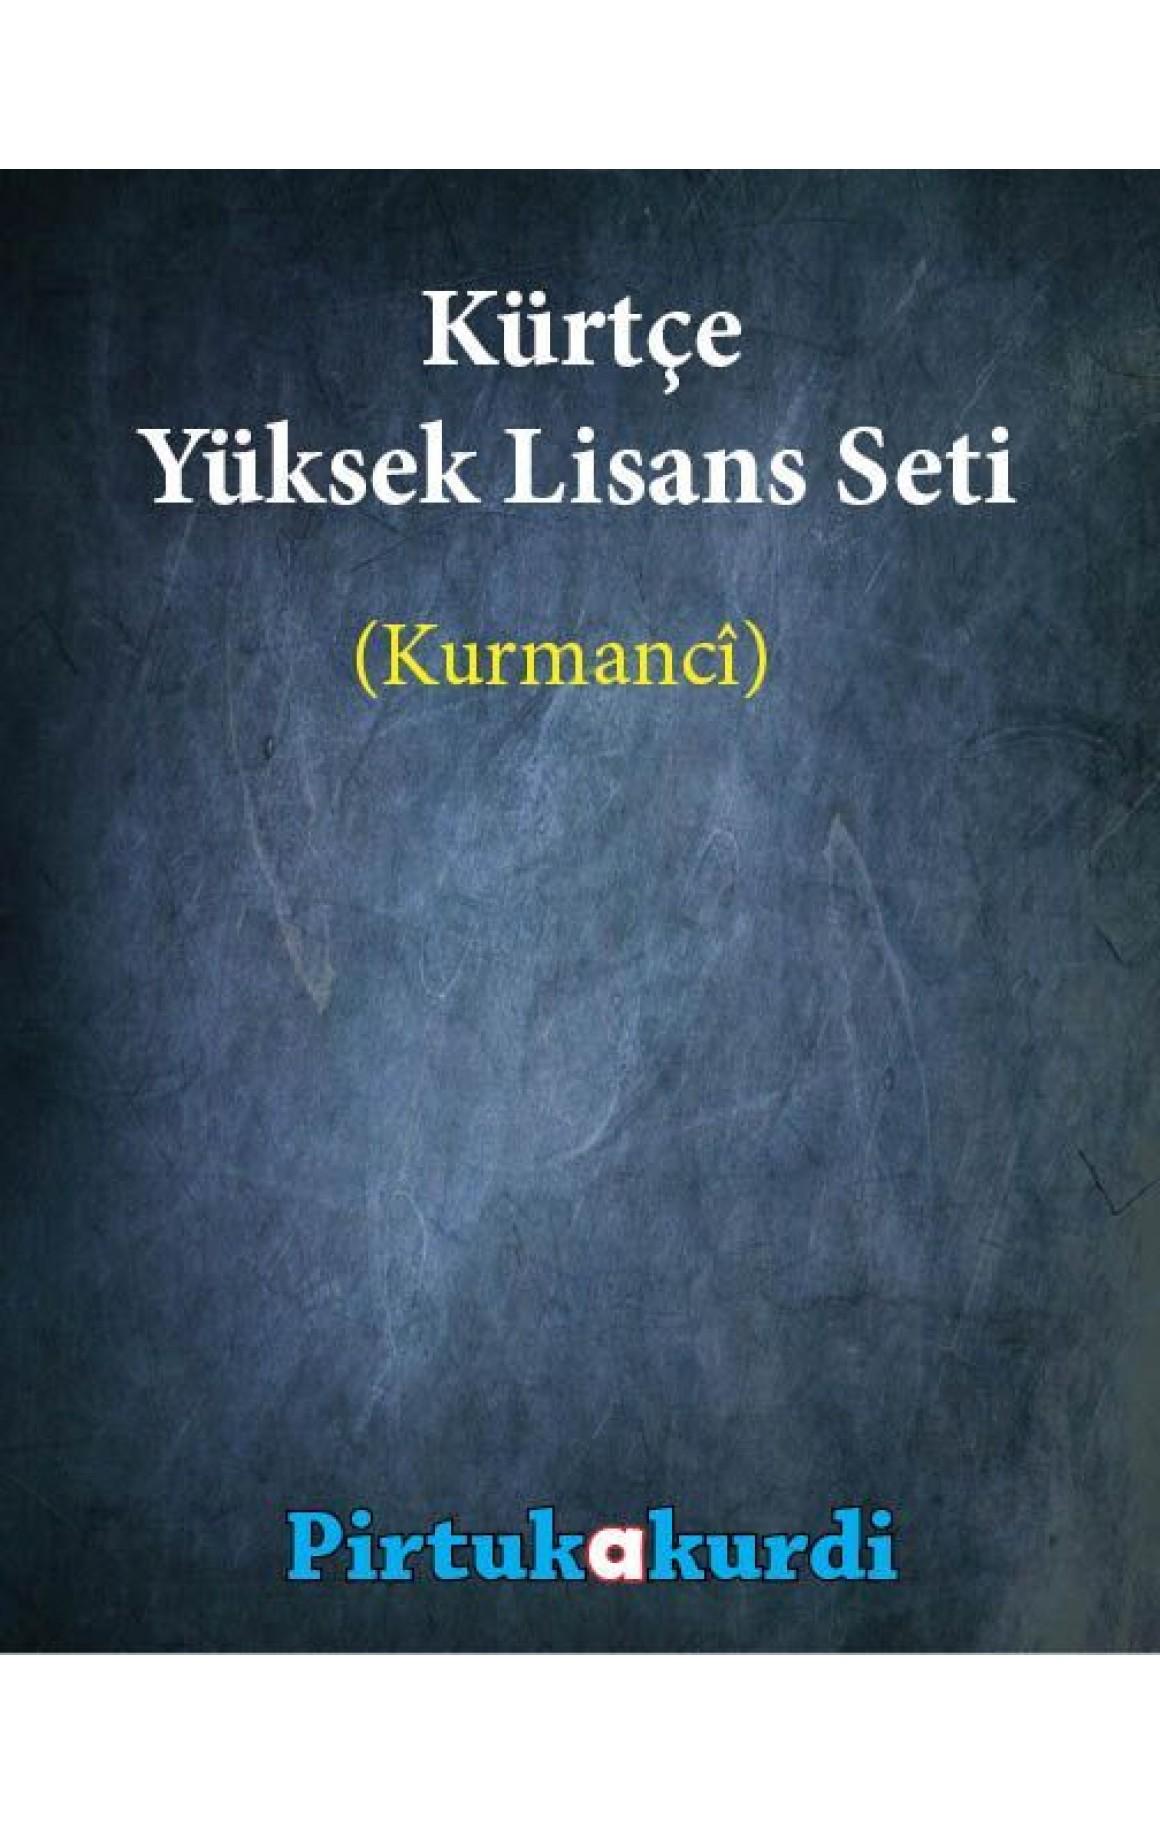 Kürtçe Yüksek Lisans Seti